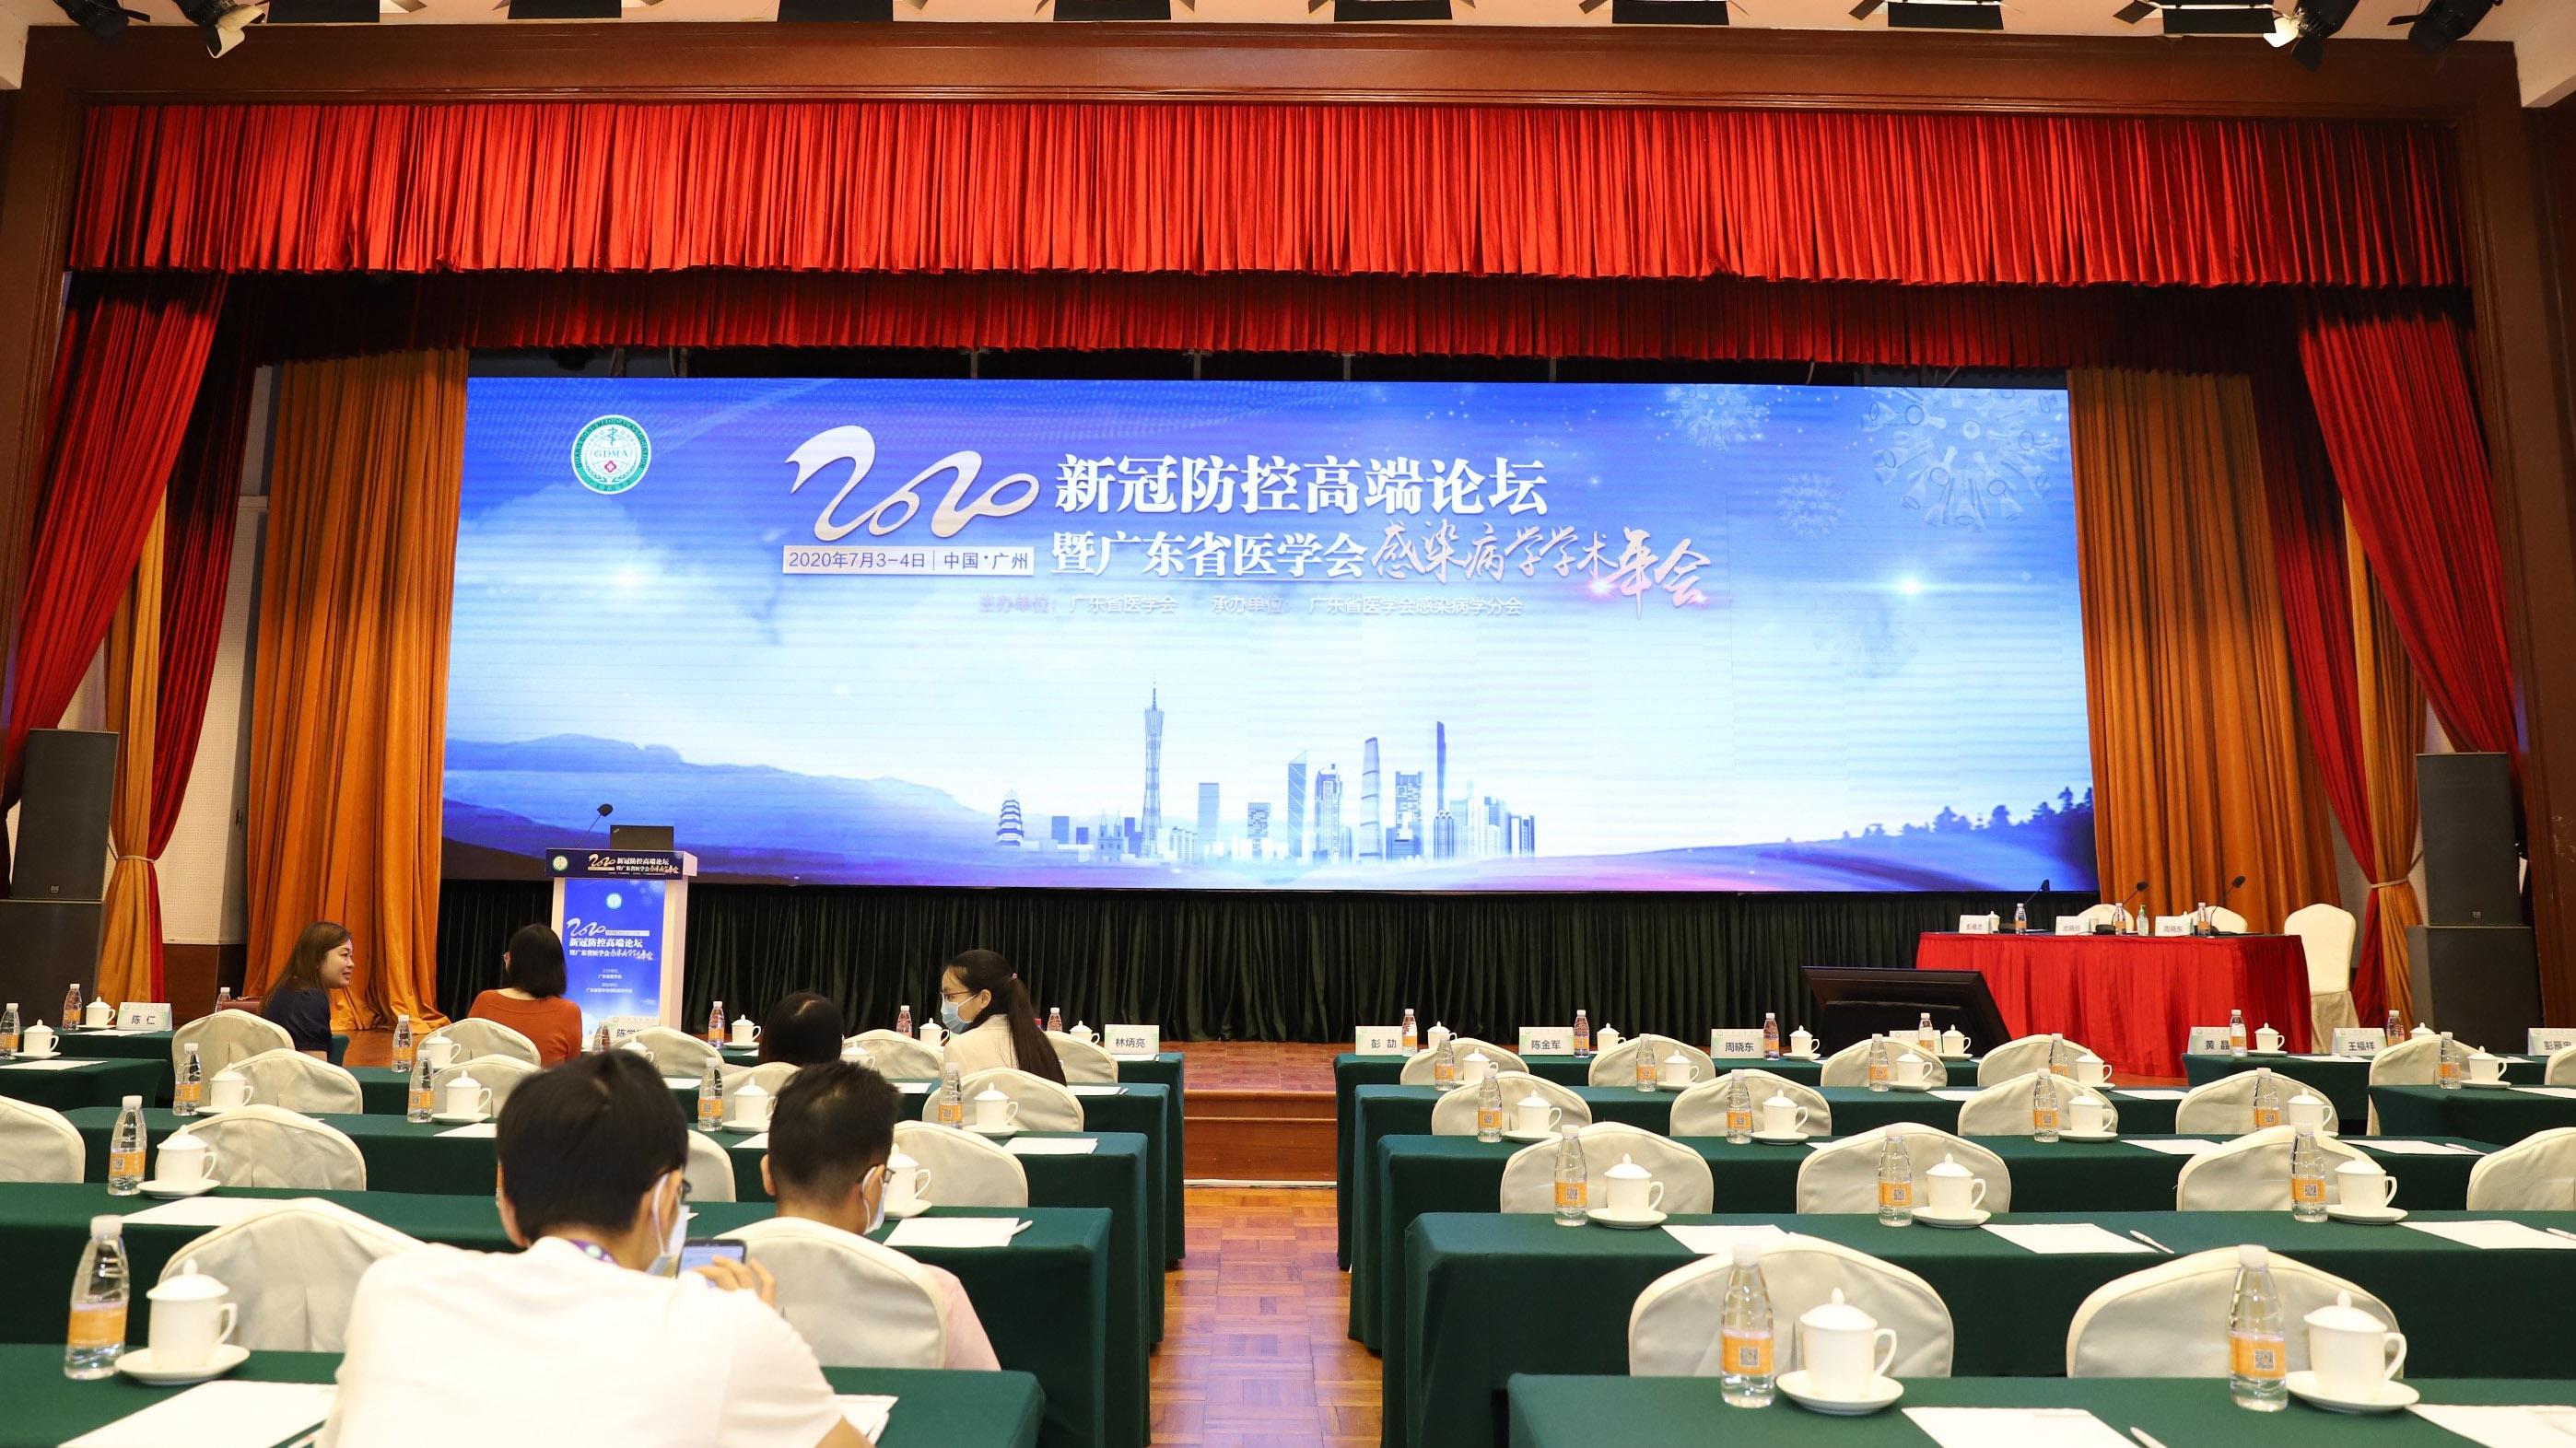 新冠防控高端论坛在广州举行 钟南山院士分享新冠研究新进展